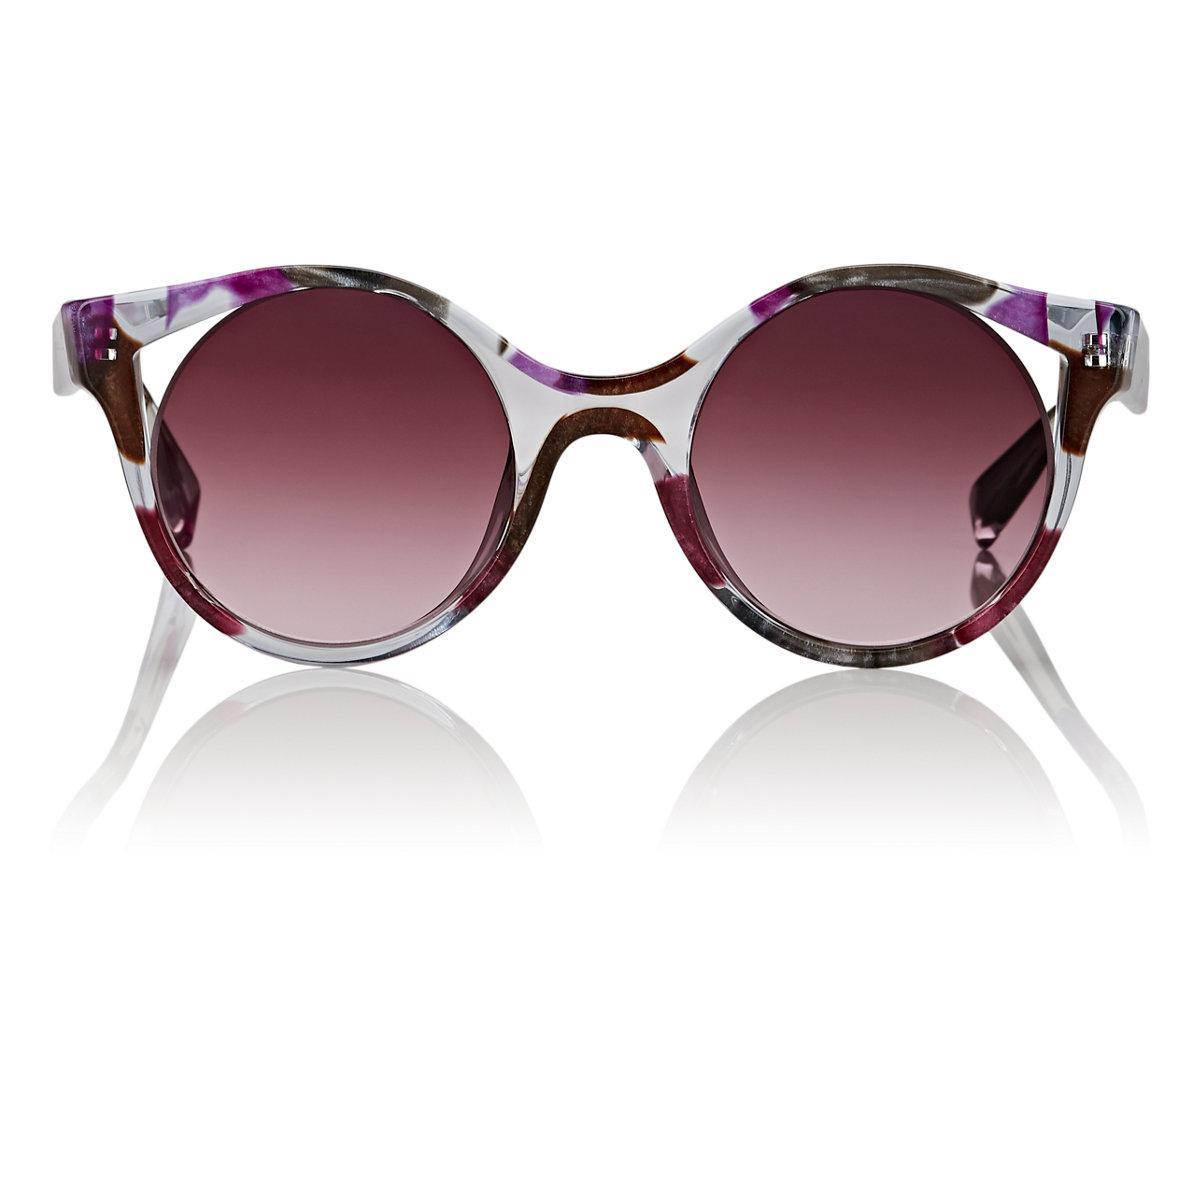 cfc66747b4 Lyst - Alain Mikli Rayce Sunglasses in Purple